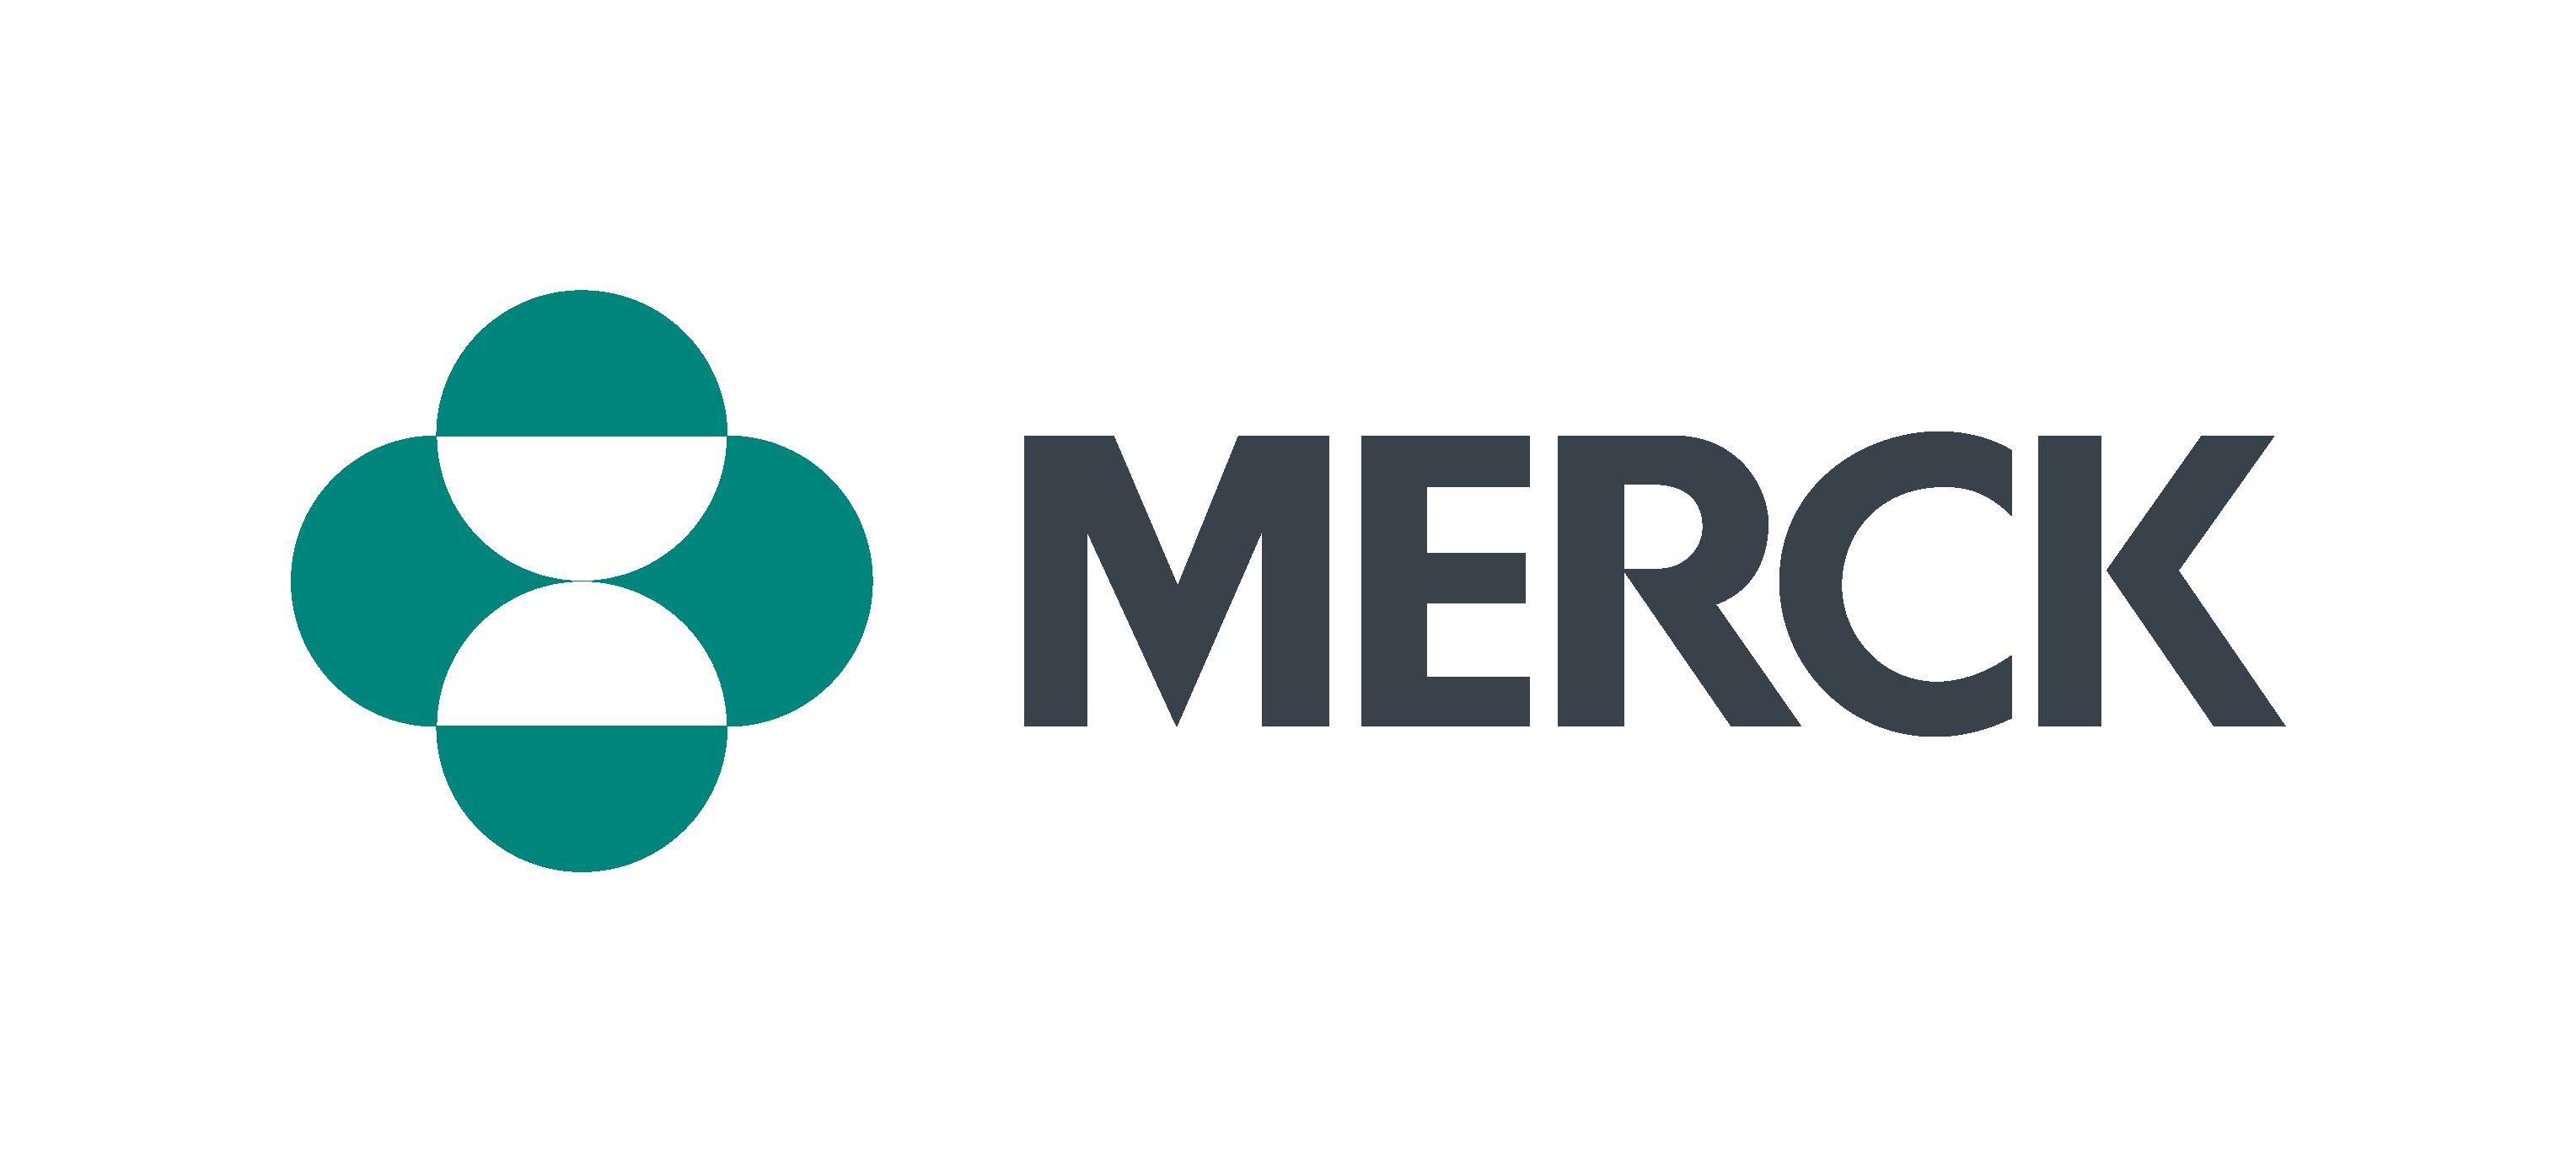 02852_Merck_Logo_Horizontal_Teal_Grey_RGB.png